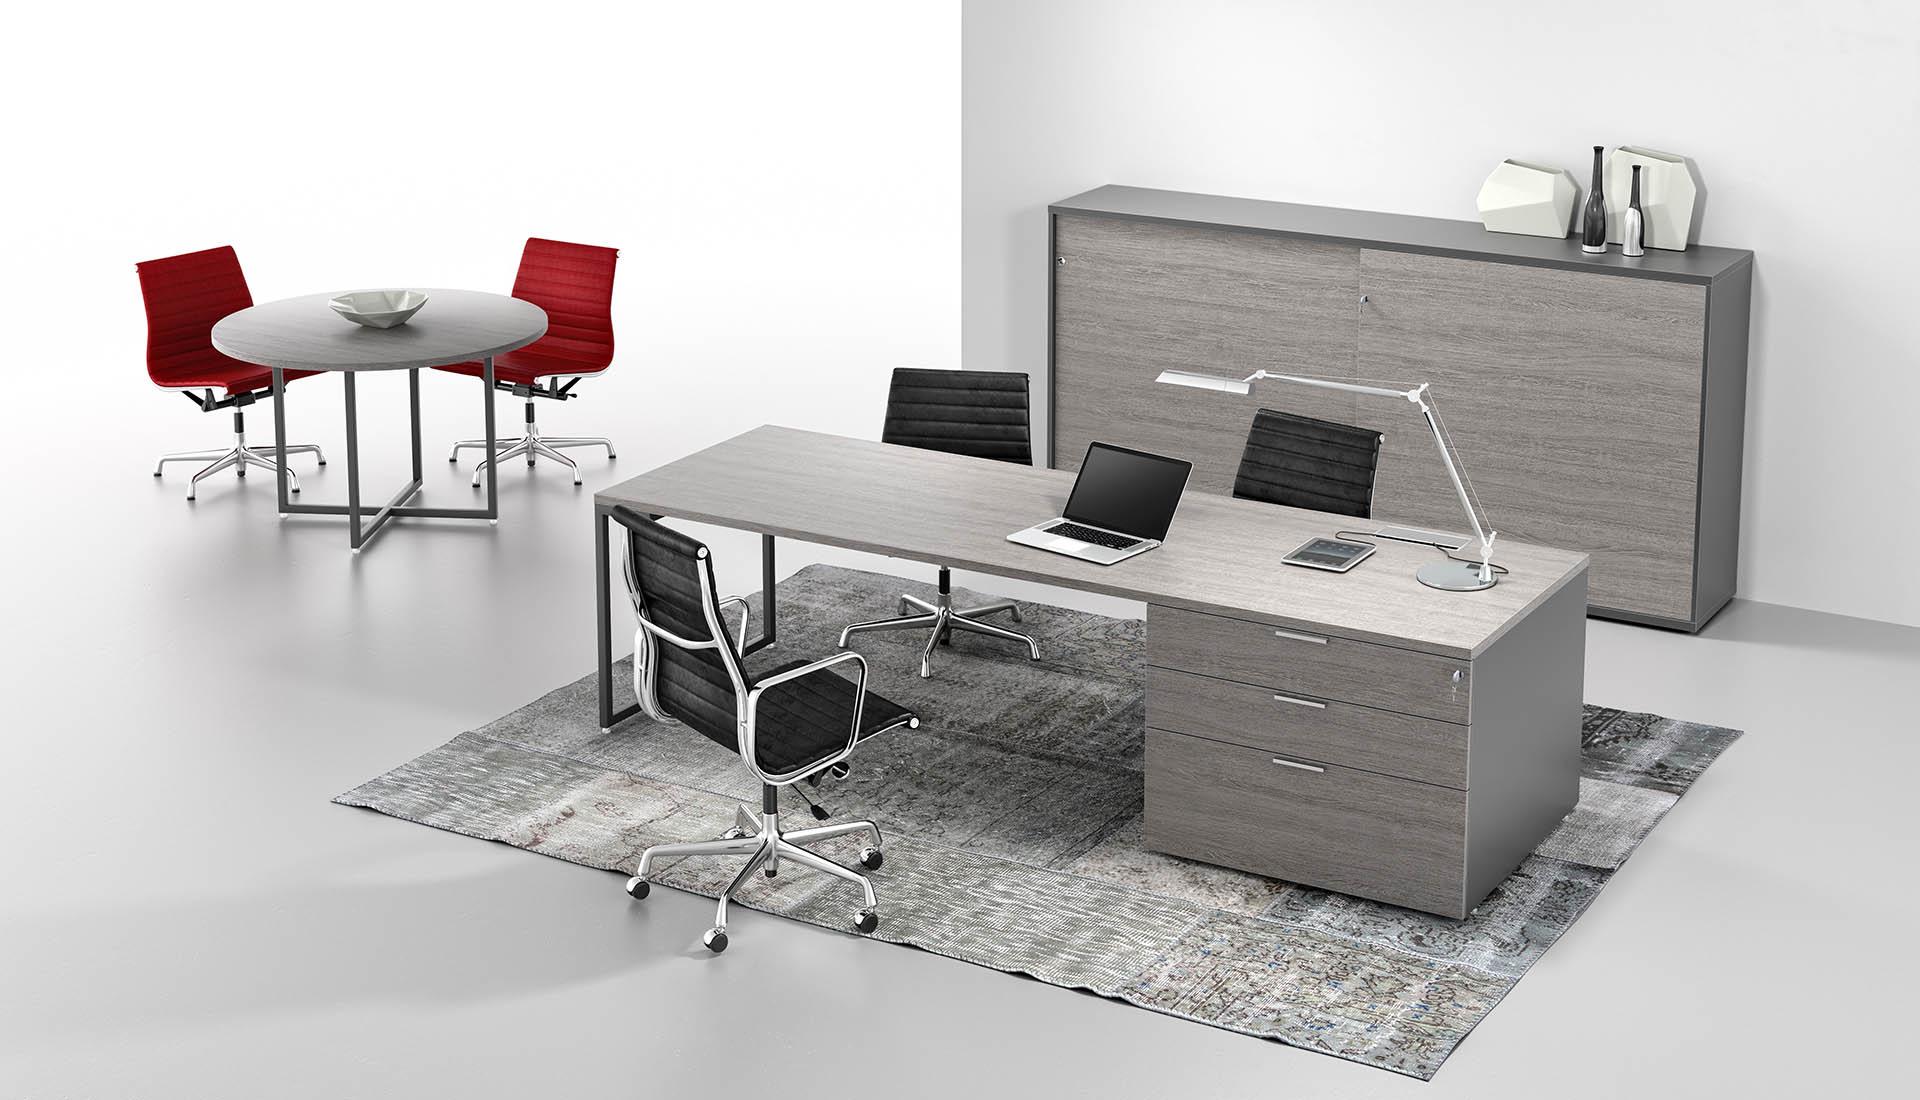 Bersanetti office arredamento e strumenti per ufficio a for Arredo office